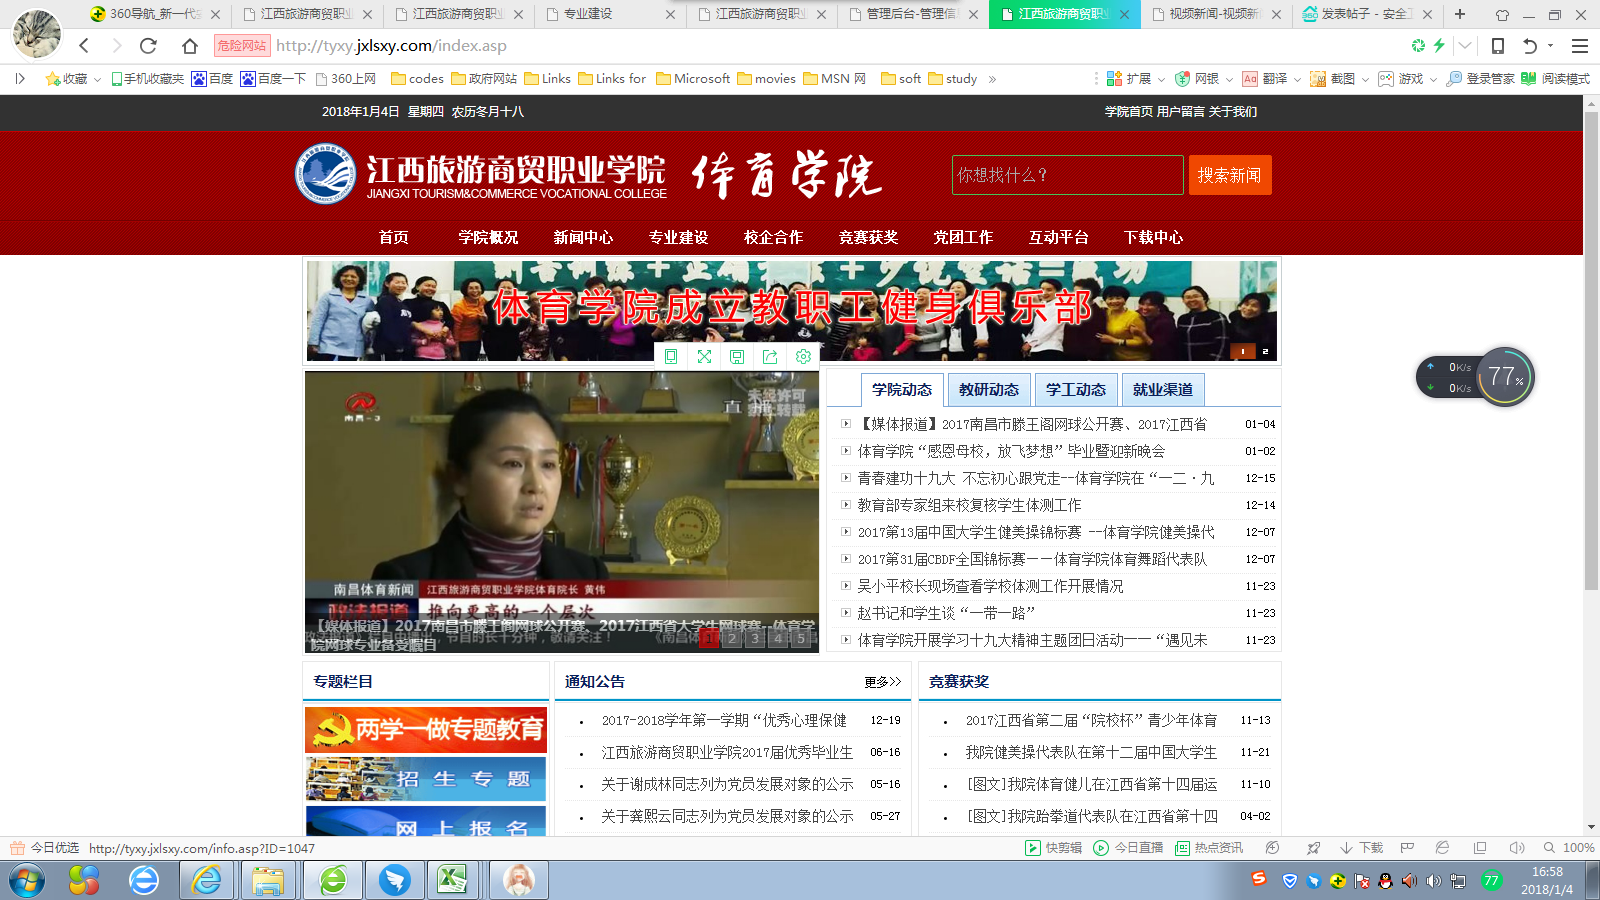 江西旅游商贸职业学院体育学院网站怎么是危险网站?